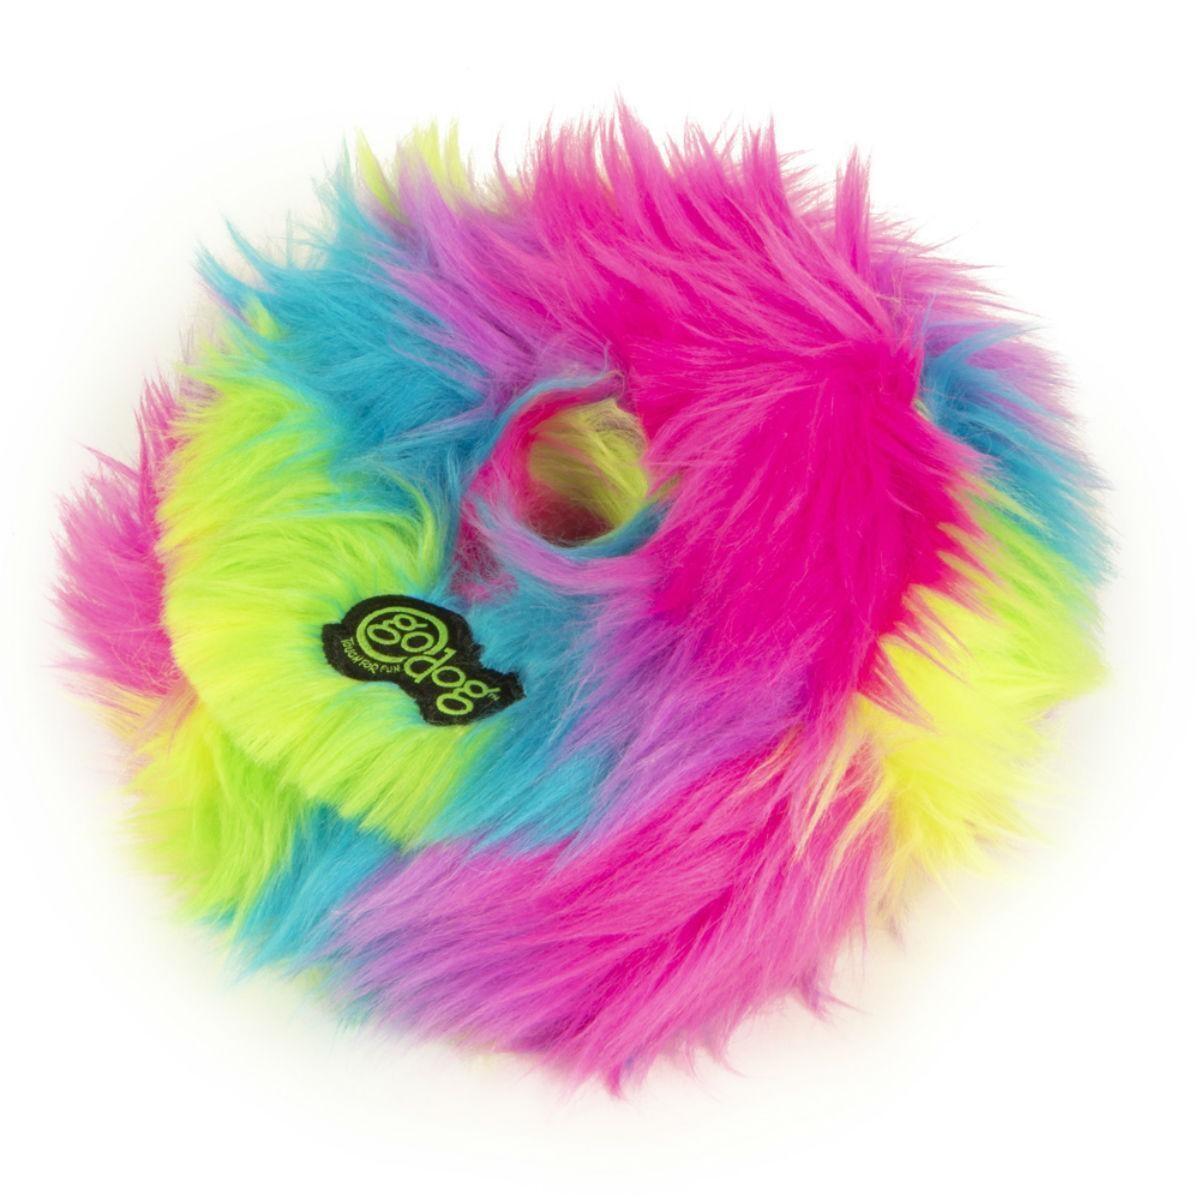 goDog Furballz Rainbow Ring Large